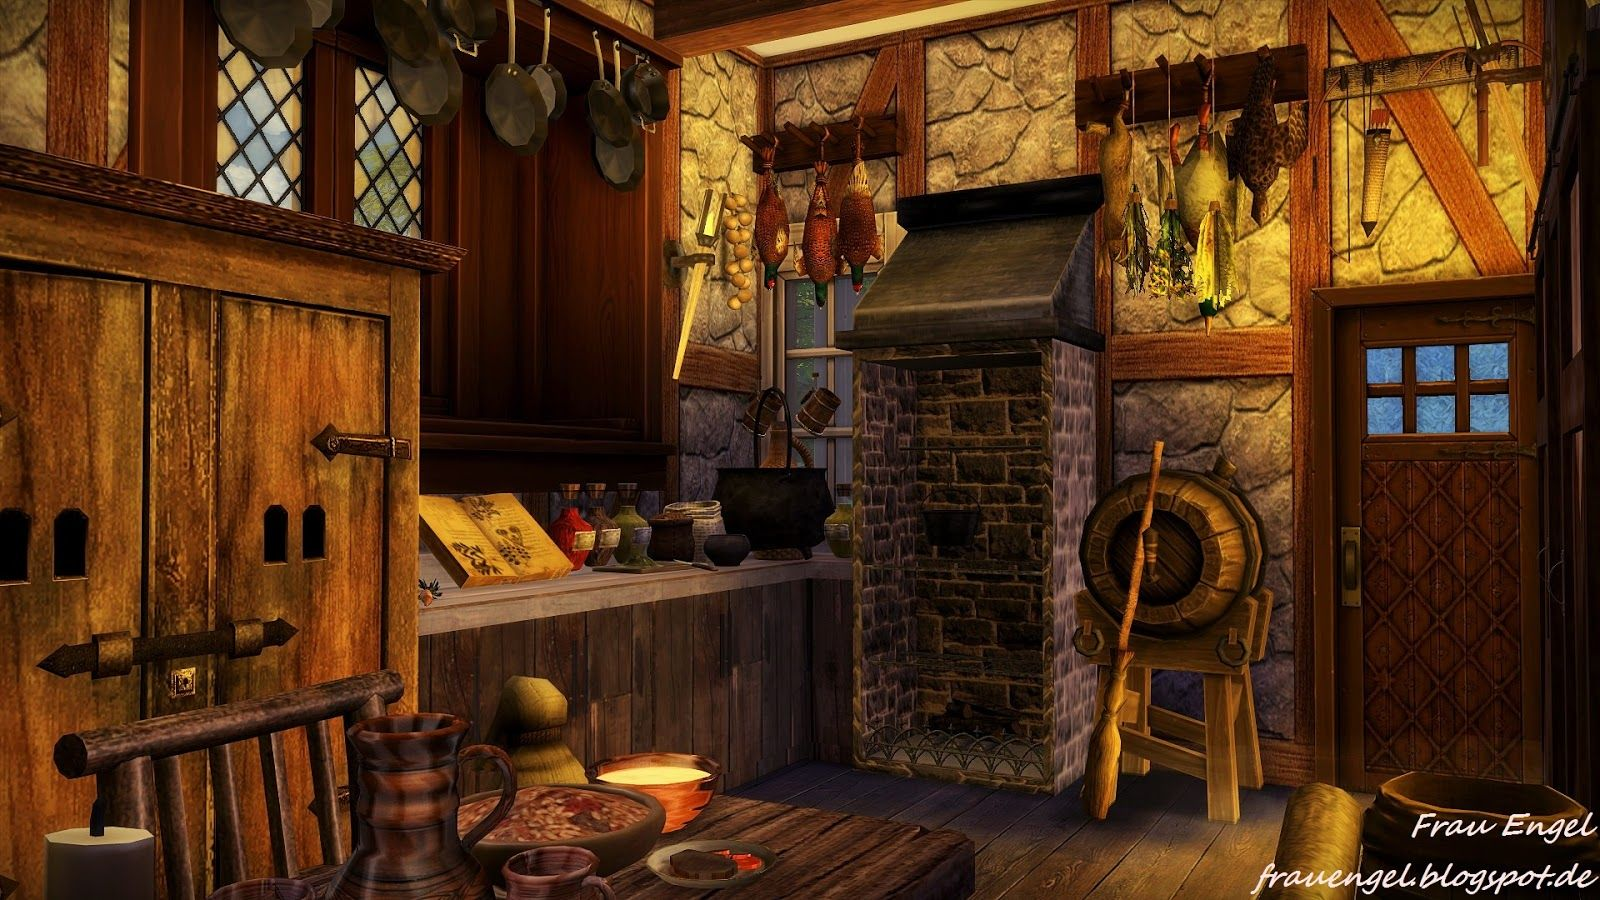 Sims 4 Cc 39 S Downloads Annett85 Annett 39 S Sims 4 Welt Sims Haus Hexenhaus Sims